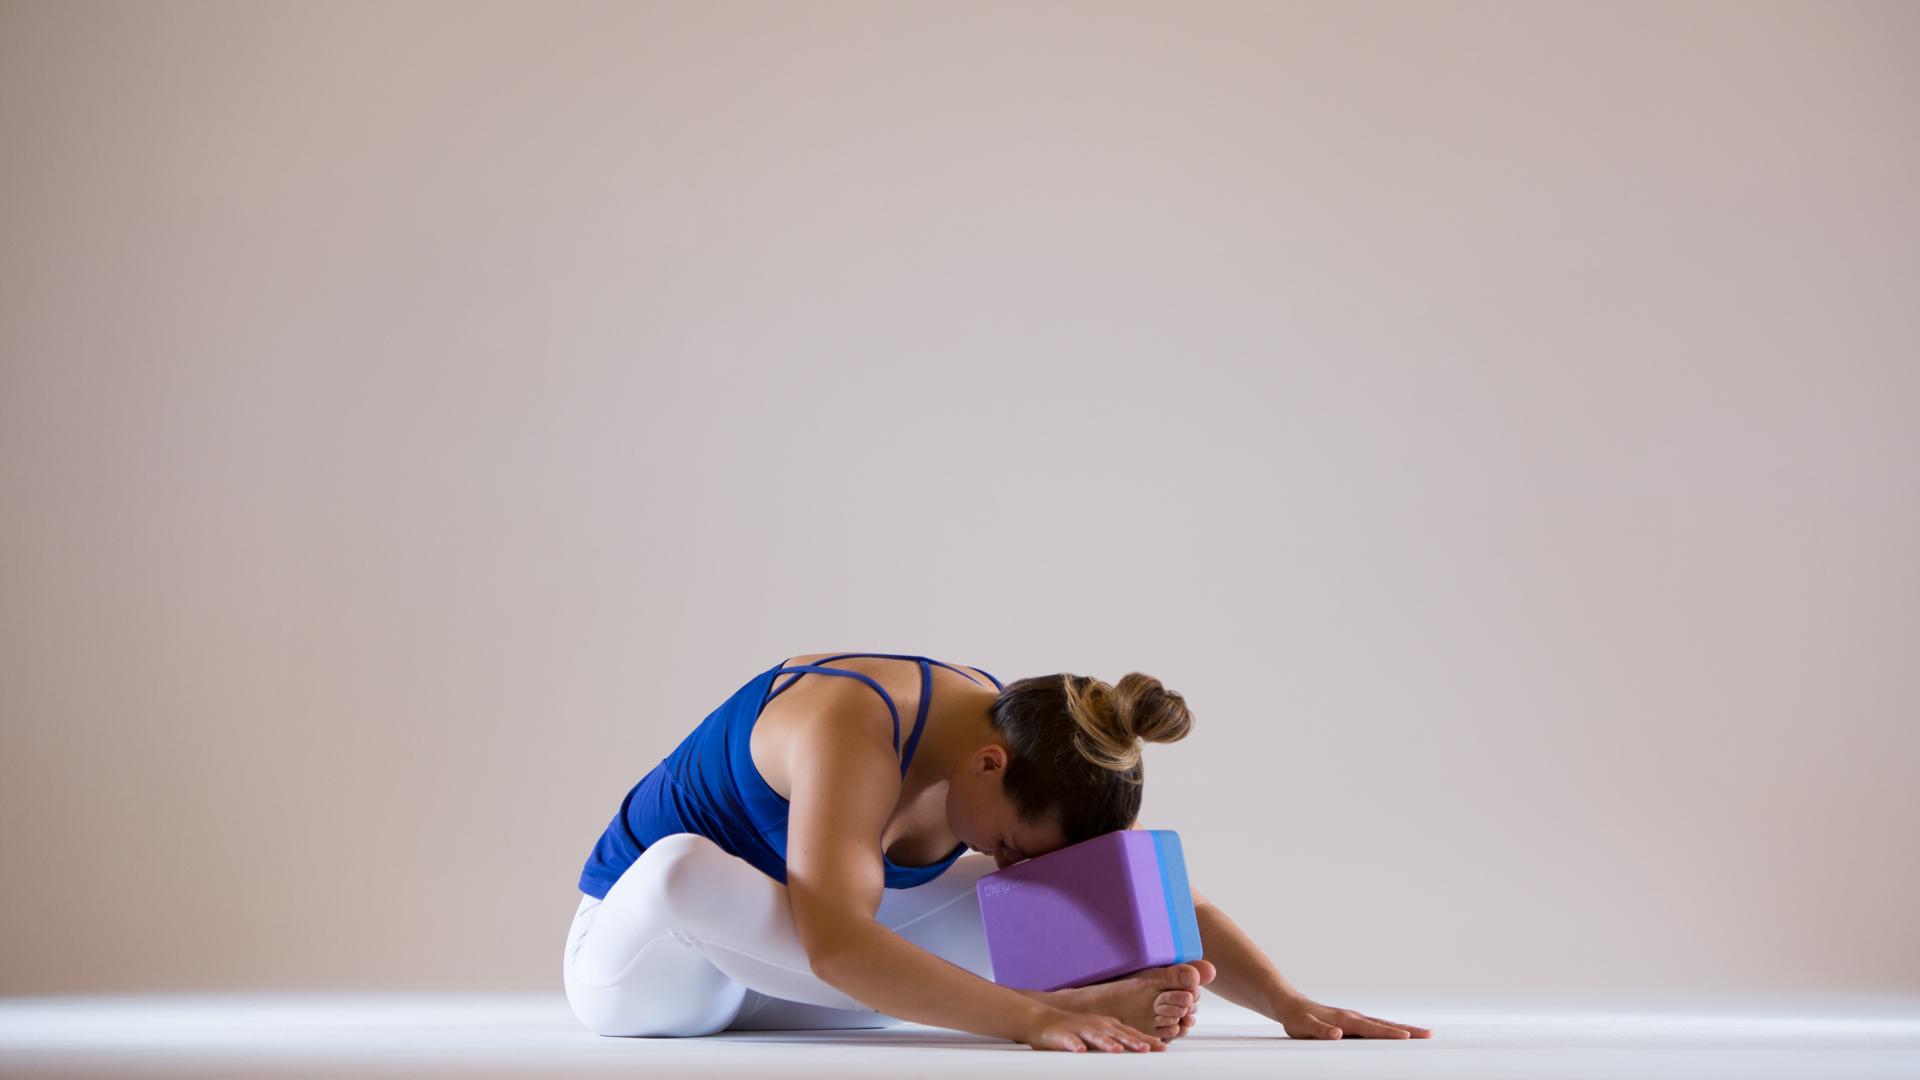 5 preguntas frecuentes sobre el yin yoga